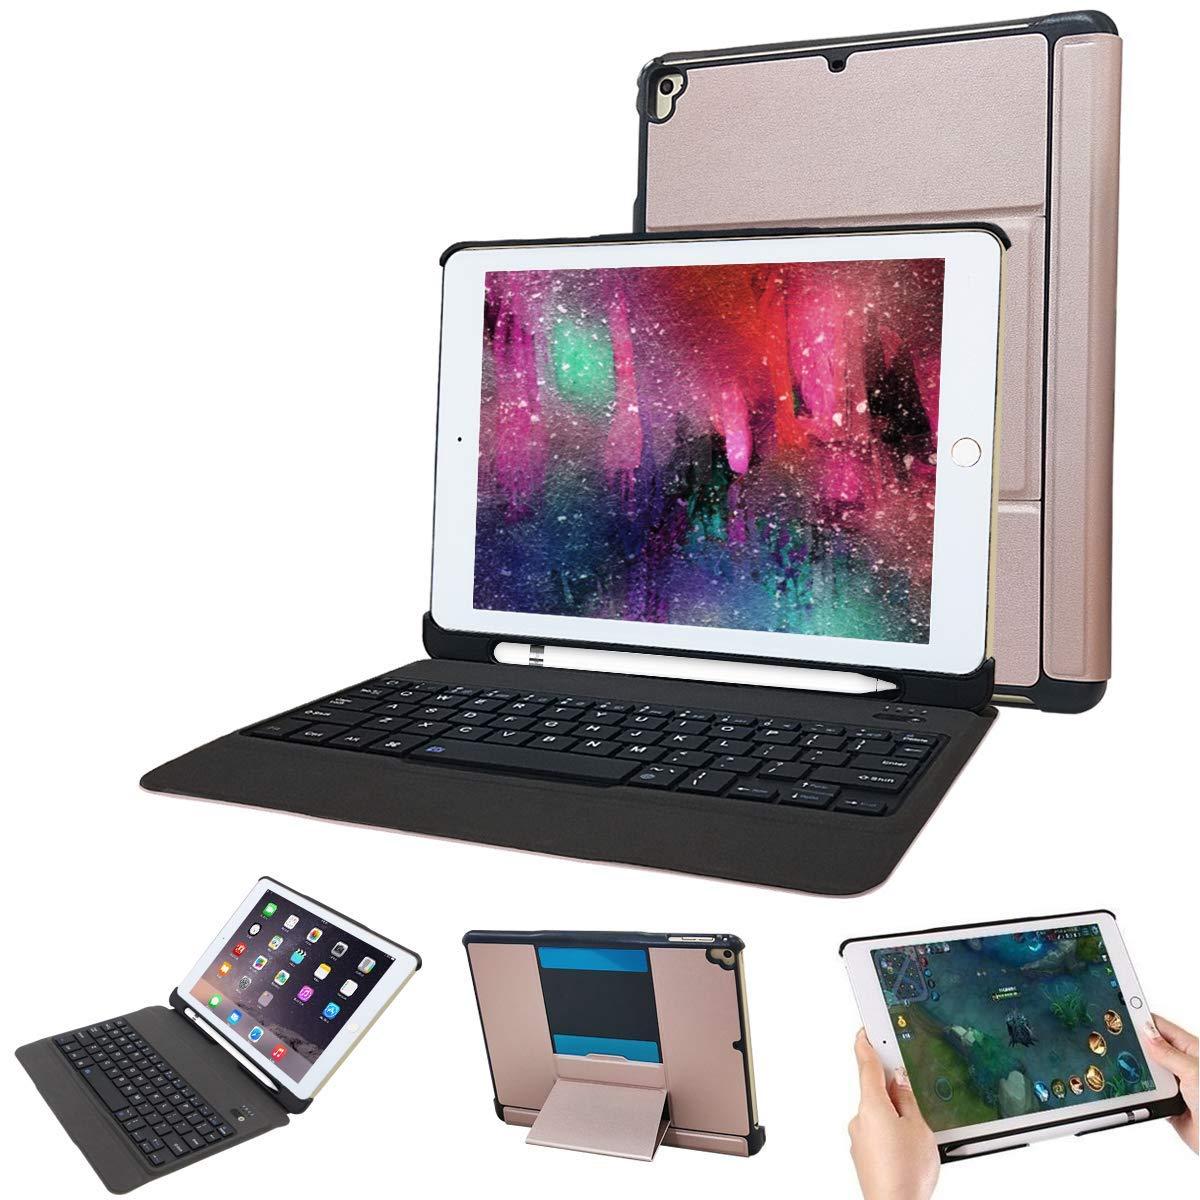 iPad 9.7 ワイヤレスキーボード ケース付き 分離式 耐衝撃 超薄型 タッチペン収納可能 取り外す可能 スタンド機能 ipad 第6世代 9.7 キーボード 2018 ケース カバー ケース付きiPad Air,iPad Air 2,iPad Pro 9.7,2017/2018 New iPad 9.7に対応 【日本語説明書付き】 (シャンペン)